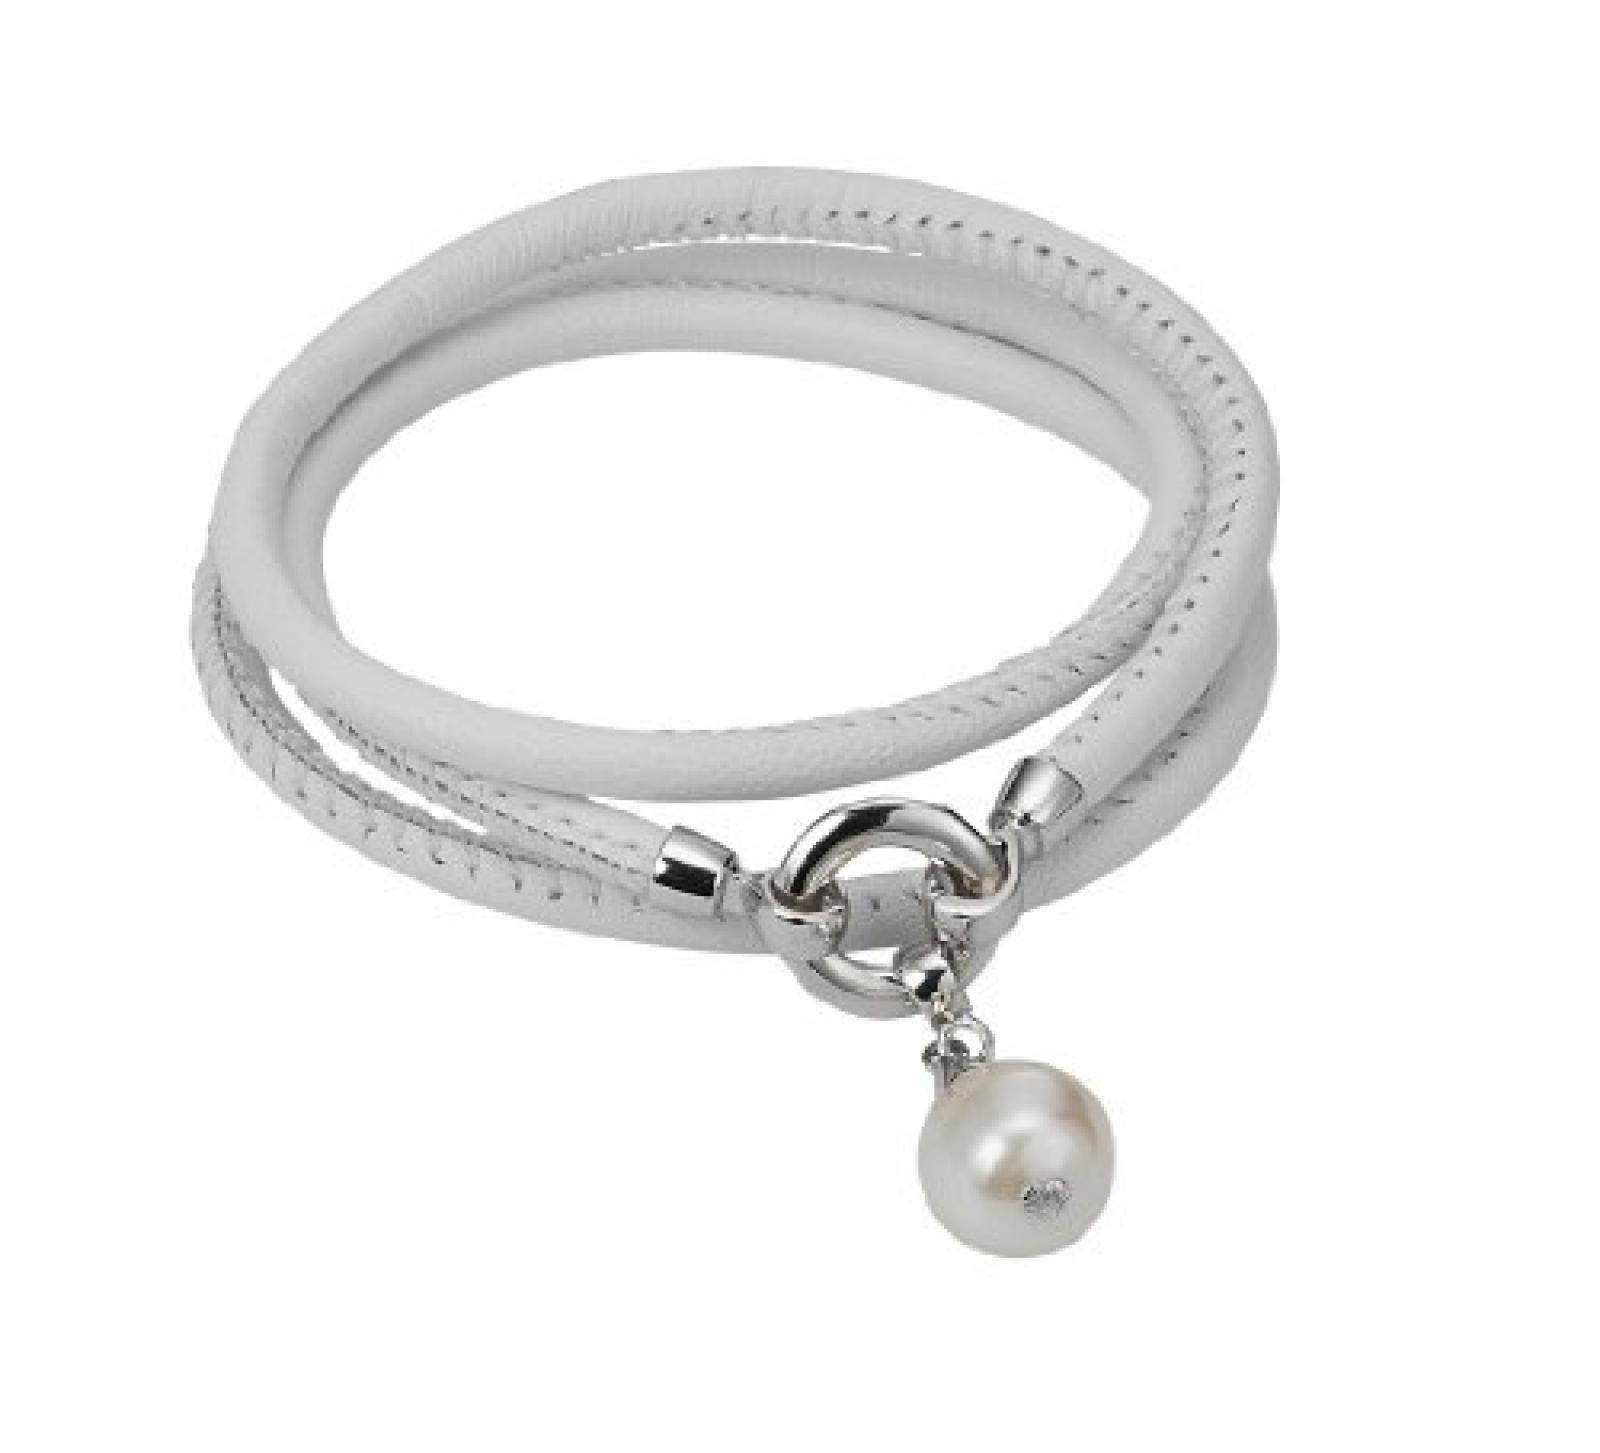 Adriana Damen-Set: Halskette + Armband Süßwasser Zuchtperlen 925 Sterling Silber L1-weiss